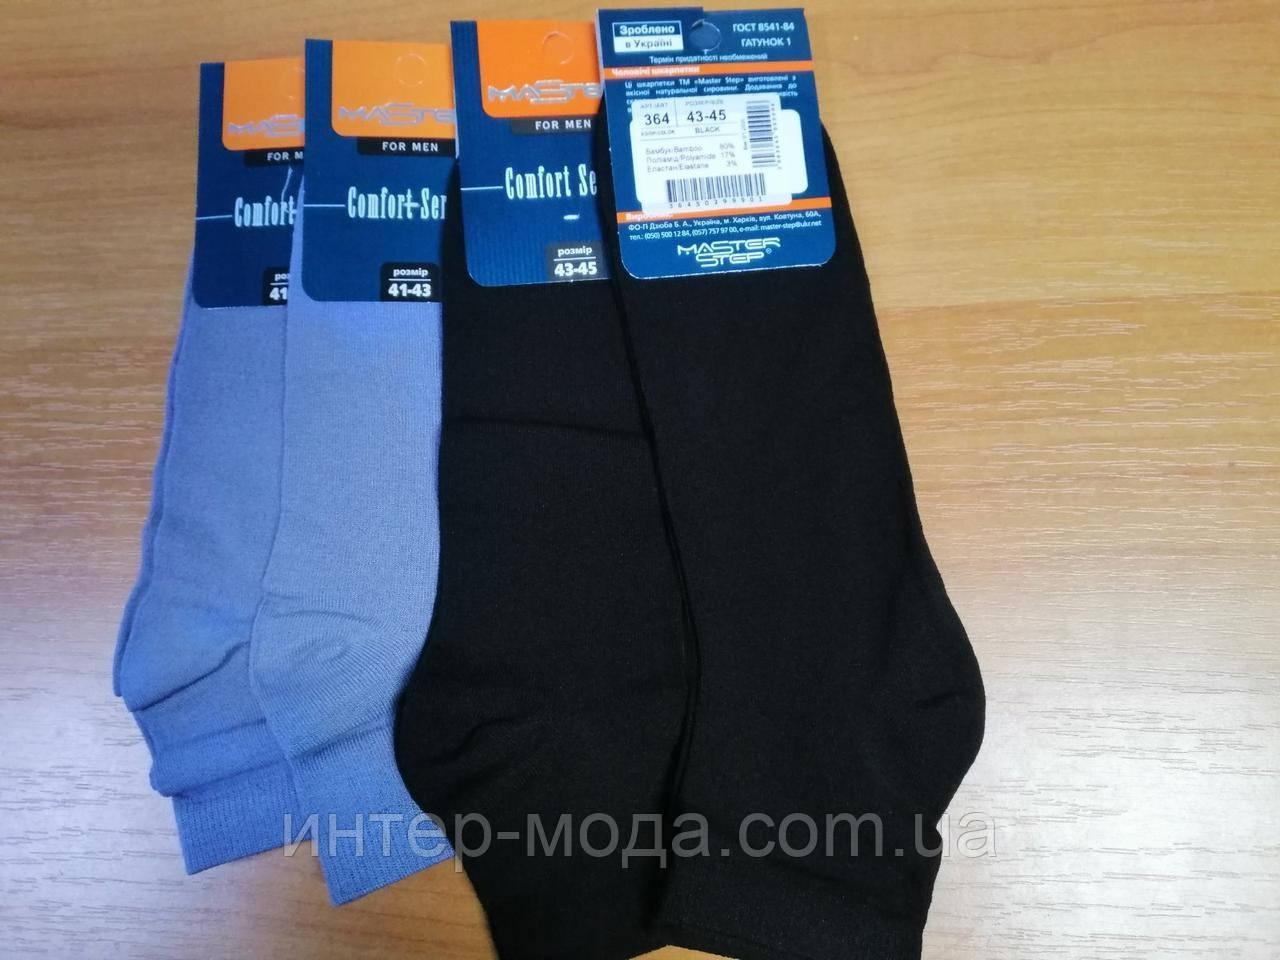 Шкарпетки однотонні ( р. 43-45 ) асортимент колір. (арт. 364)